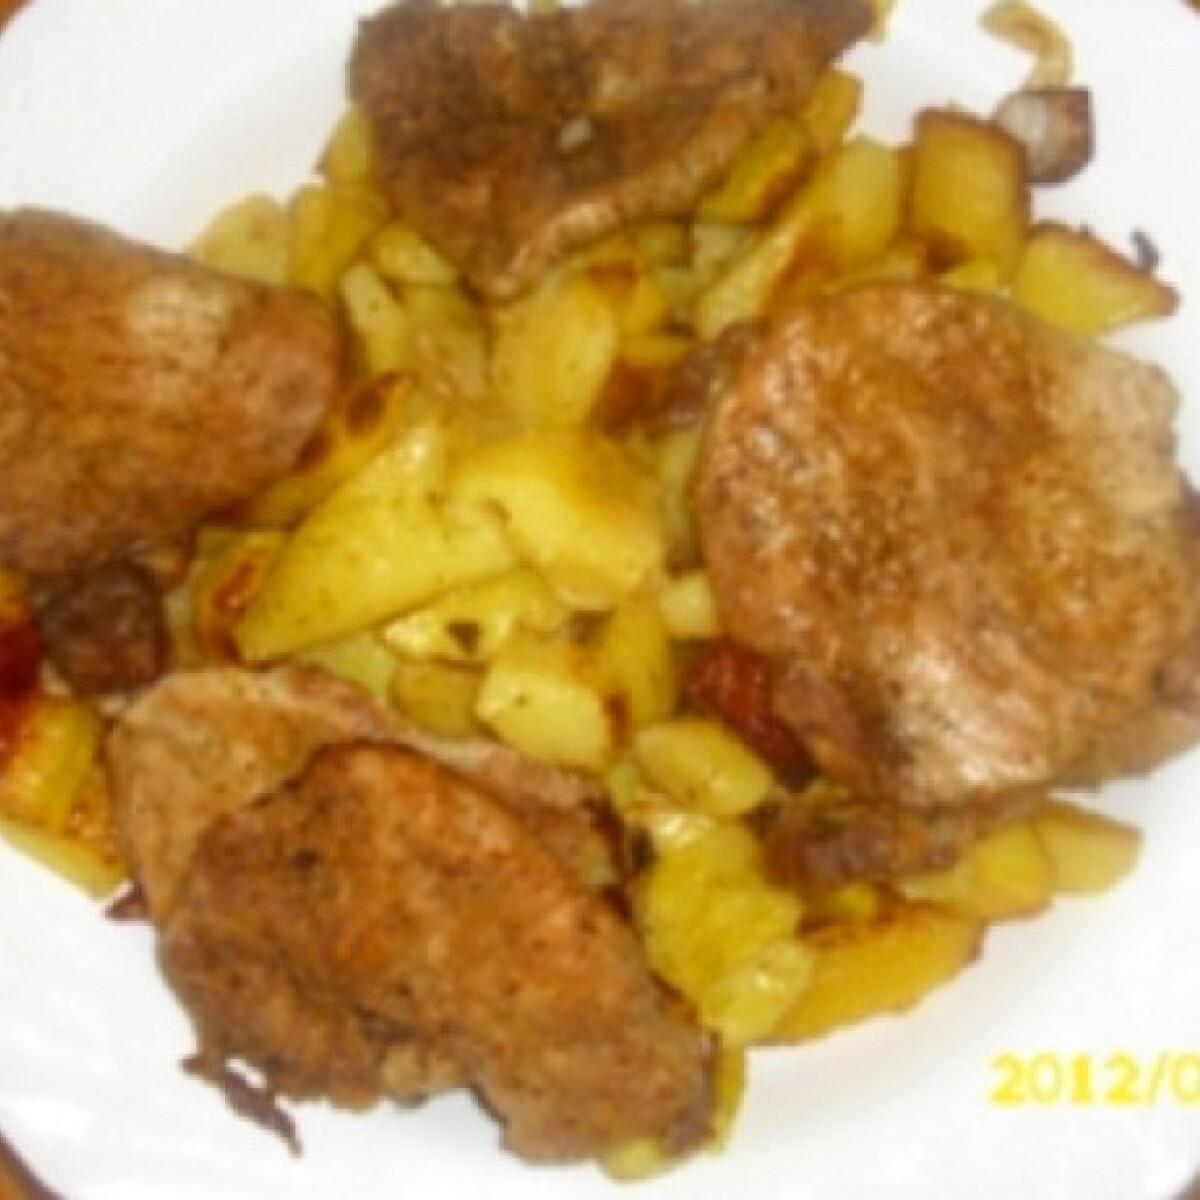 Ezen a képen: Tepsis krumpli ahogy kinguci készíti